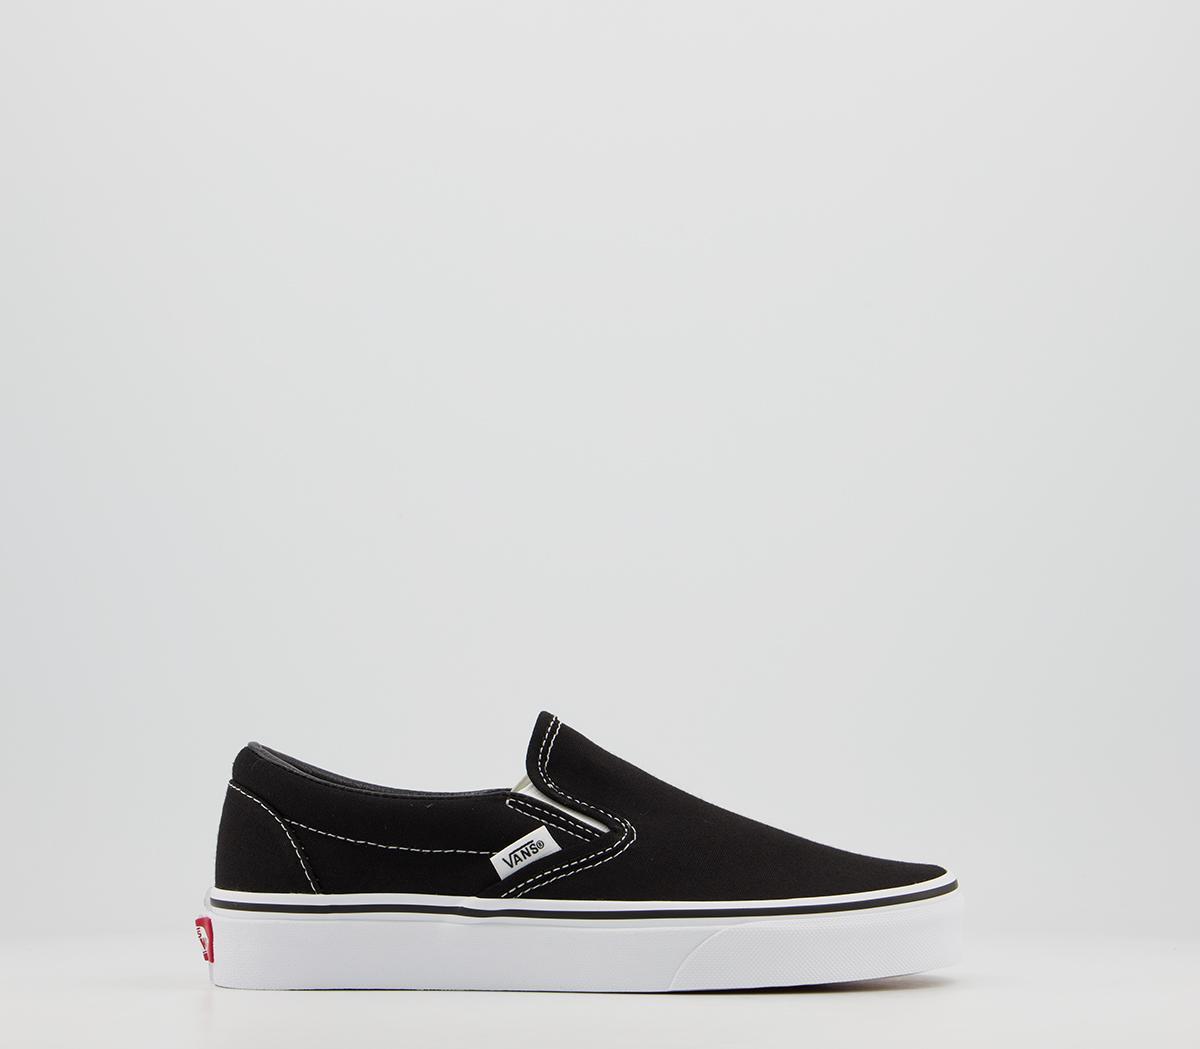 vans white and black slip on